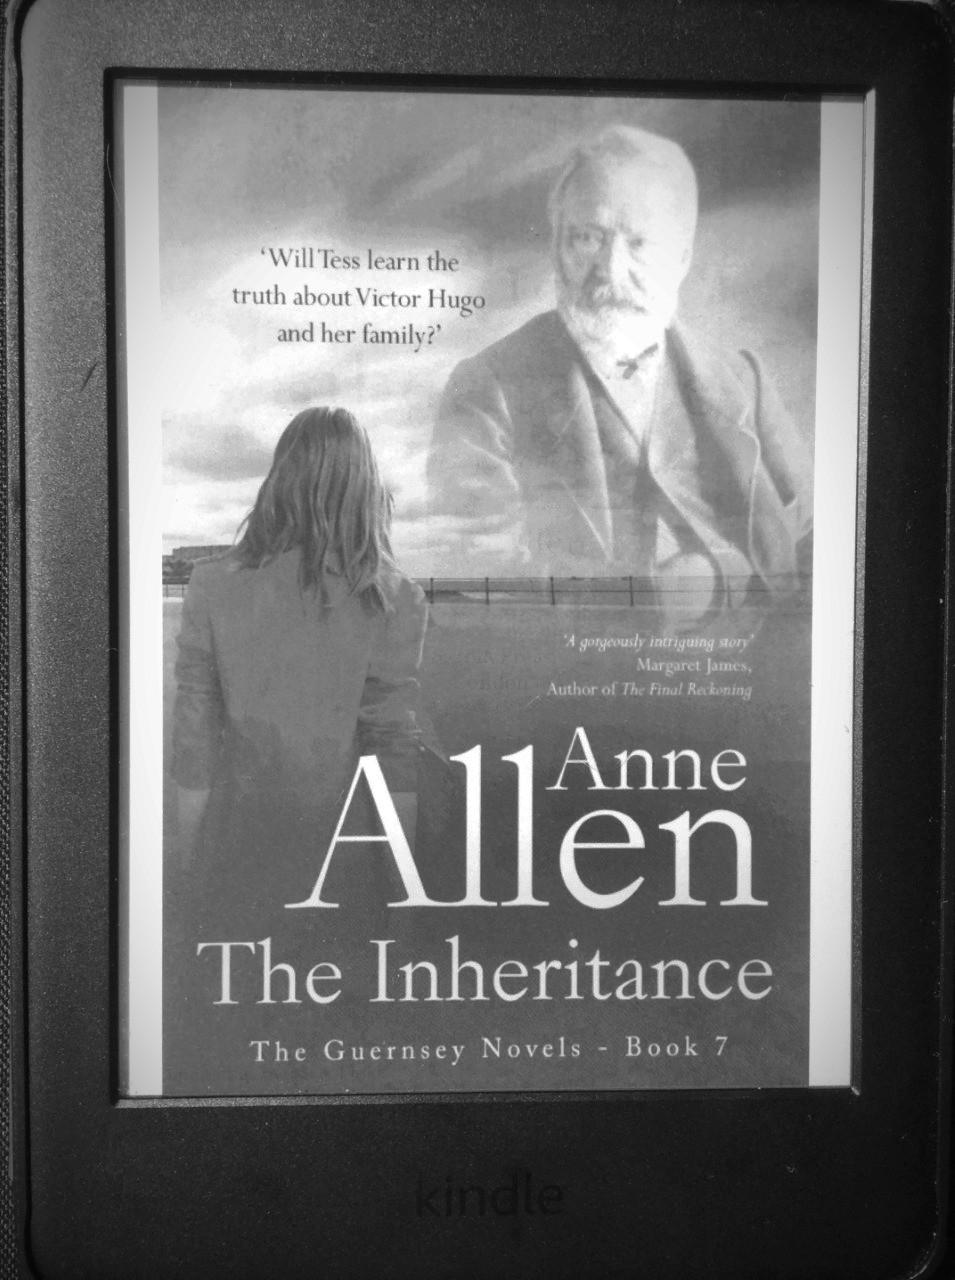 'The Inheritance', Anne Allen